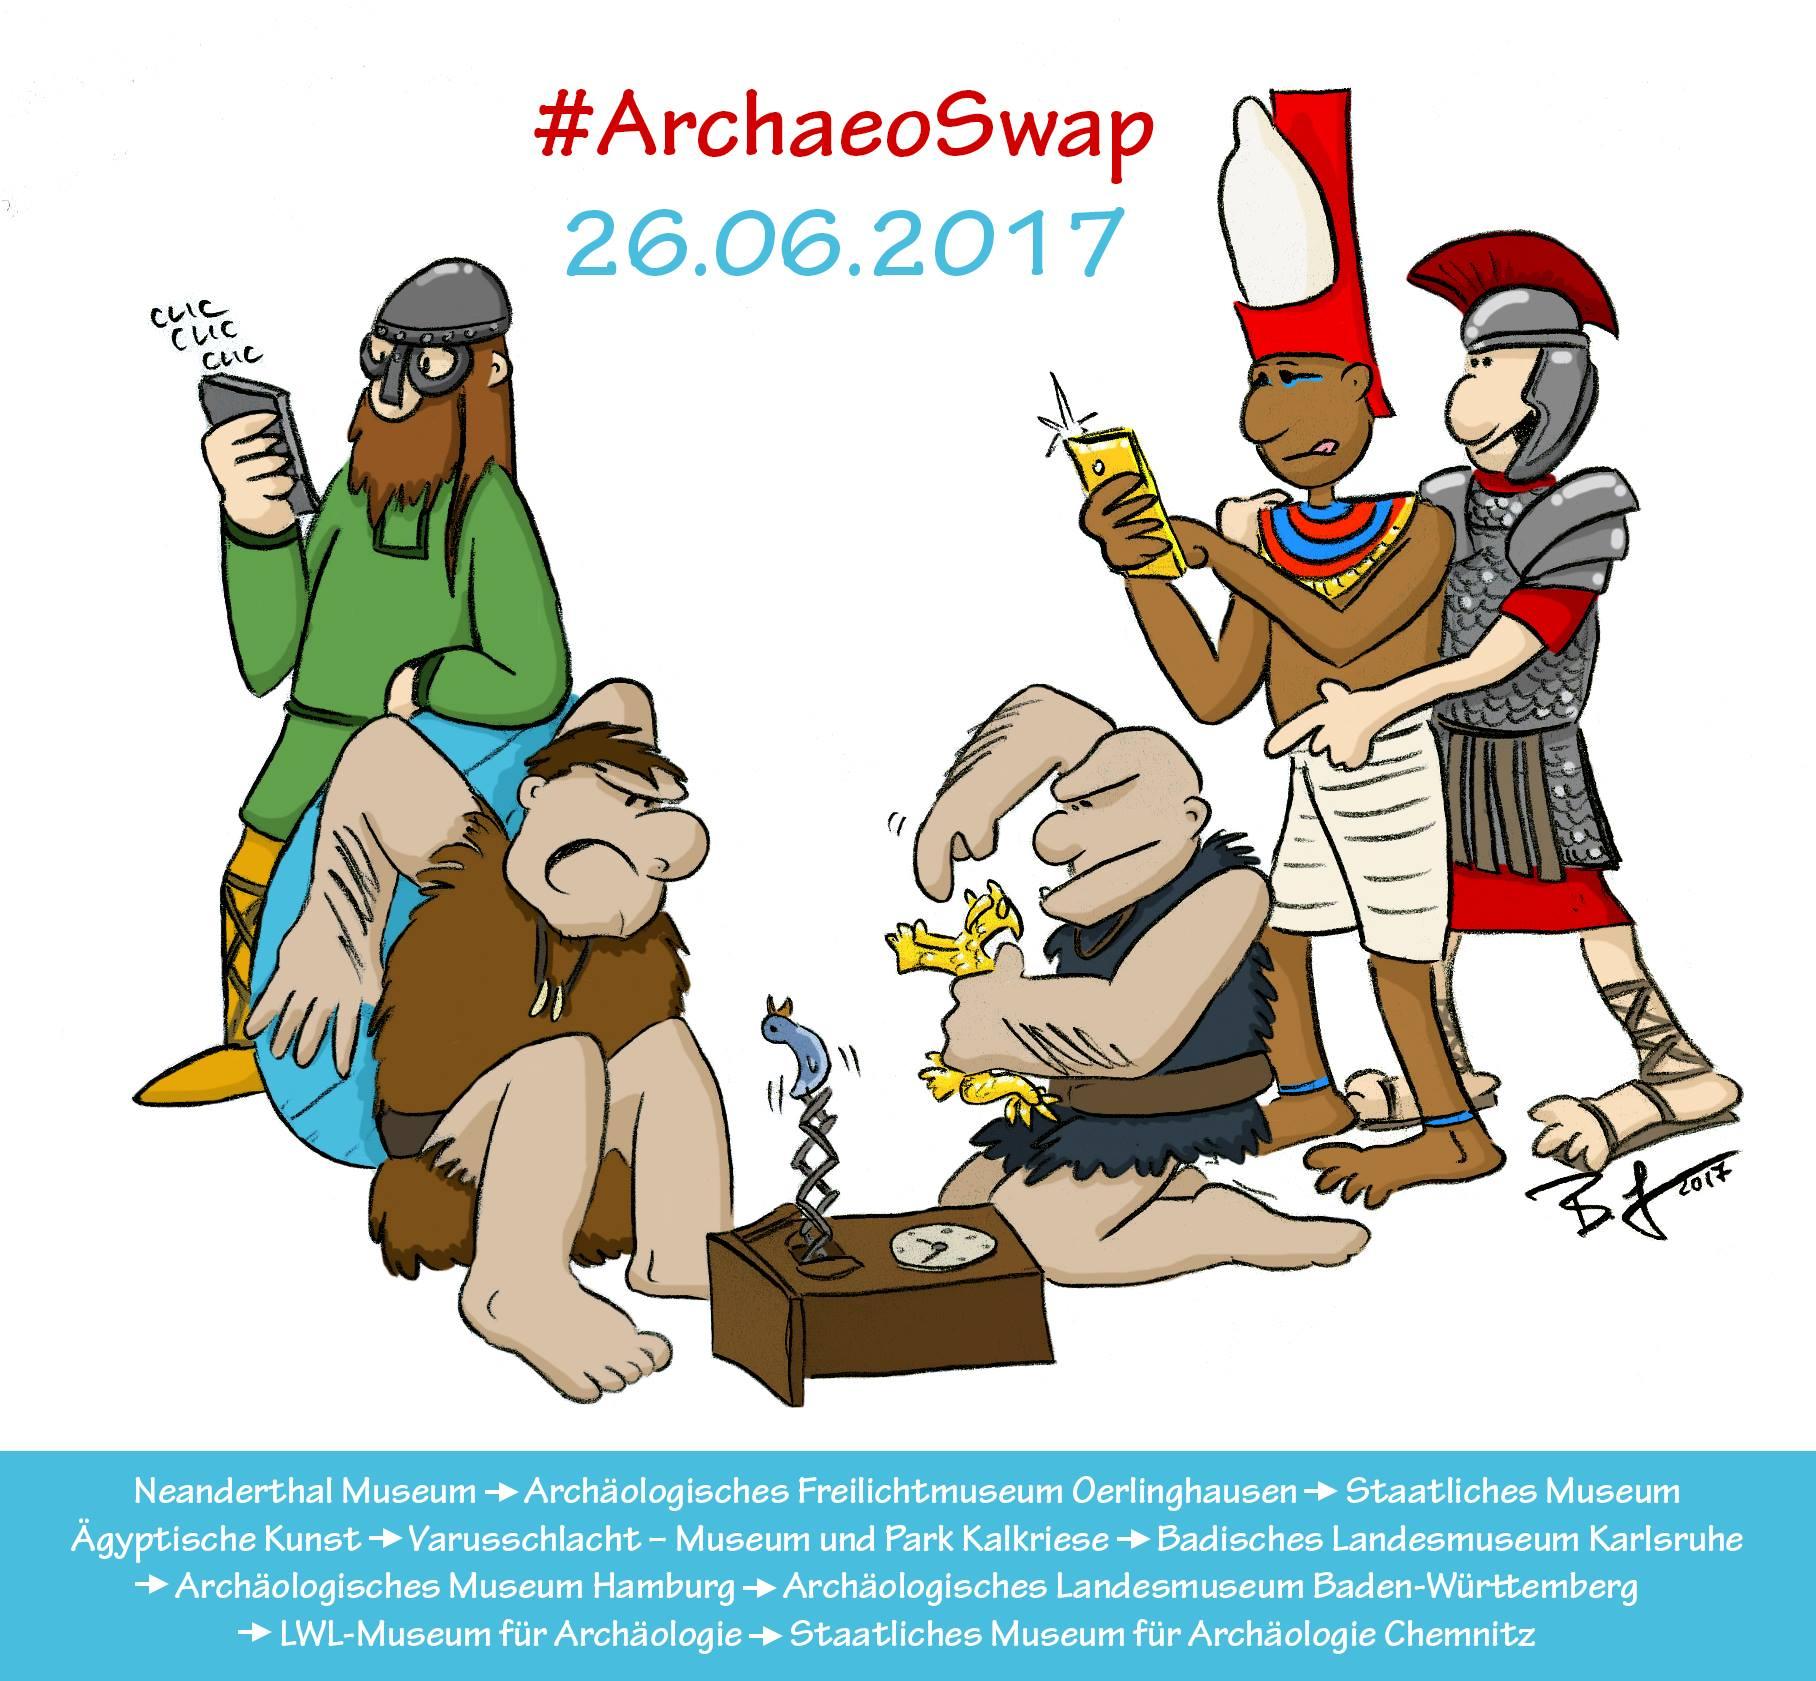 ➡️Freundliche Übernahme beim #ArchaeoSwap: Am Montag 26.6. twittert hier @VarusKalkriese. Wir twittern bei @ArchaeologieHH.✌️ https://t.co/5arAZFgtxW